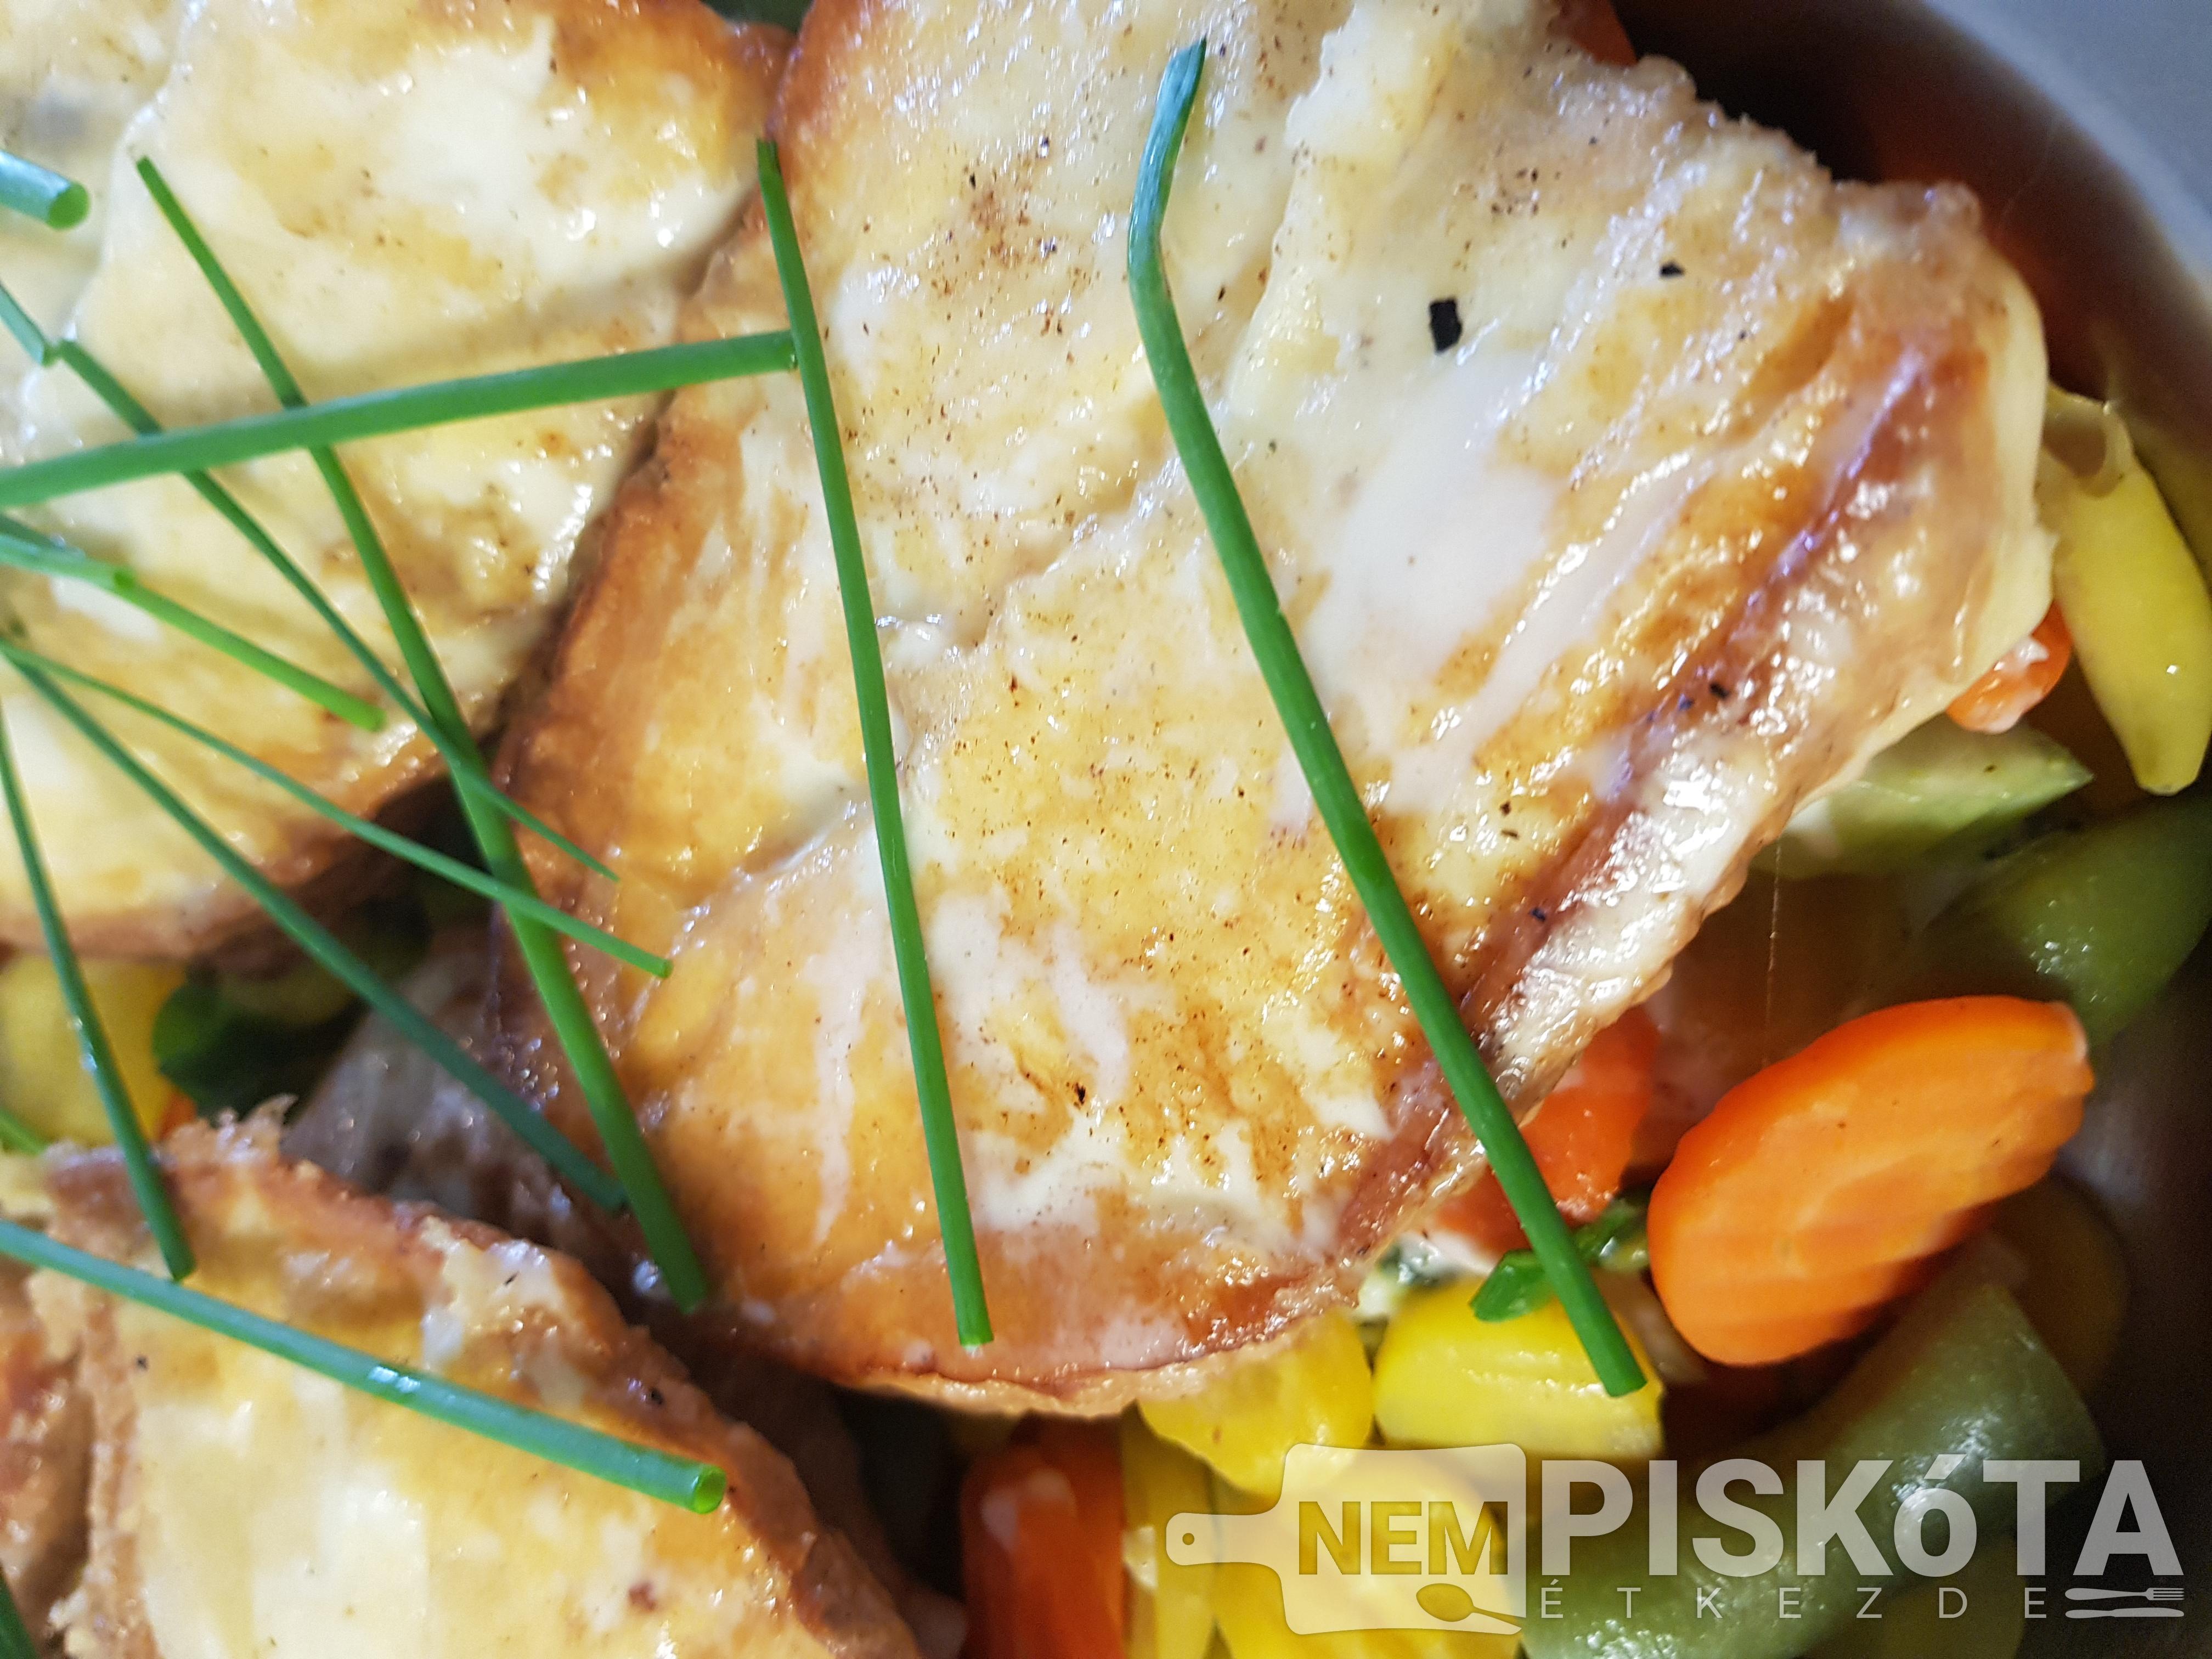 NemPiskóta Étkezde: Grillezett gomolyasajt idény zöldségekkel